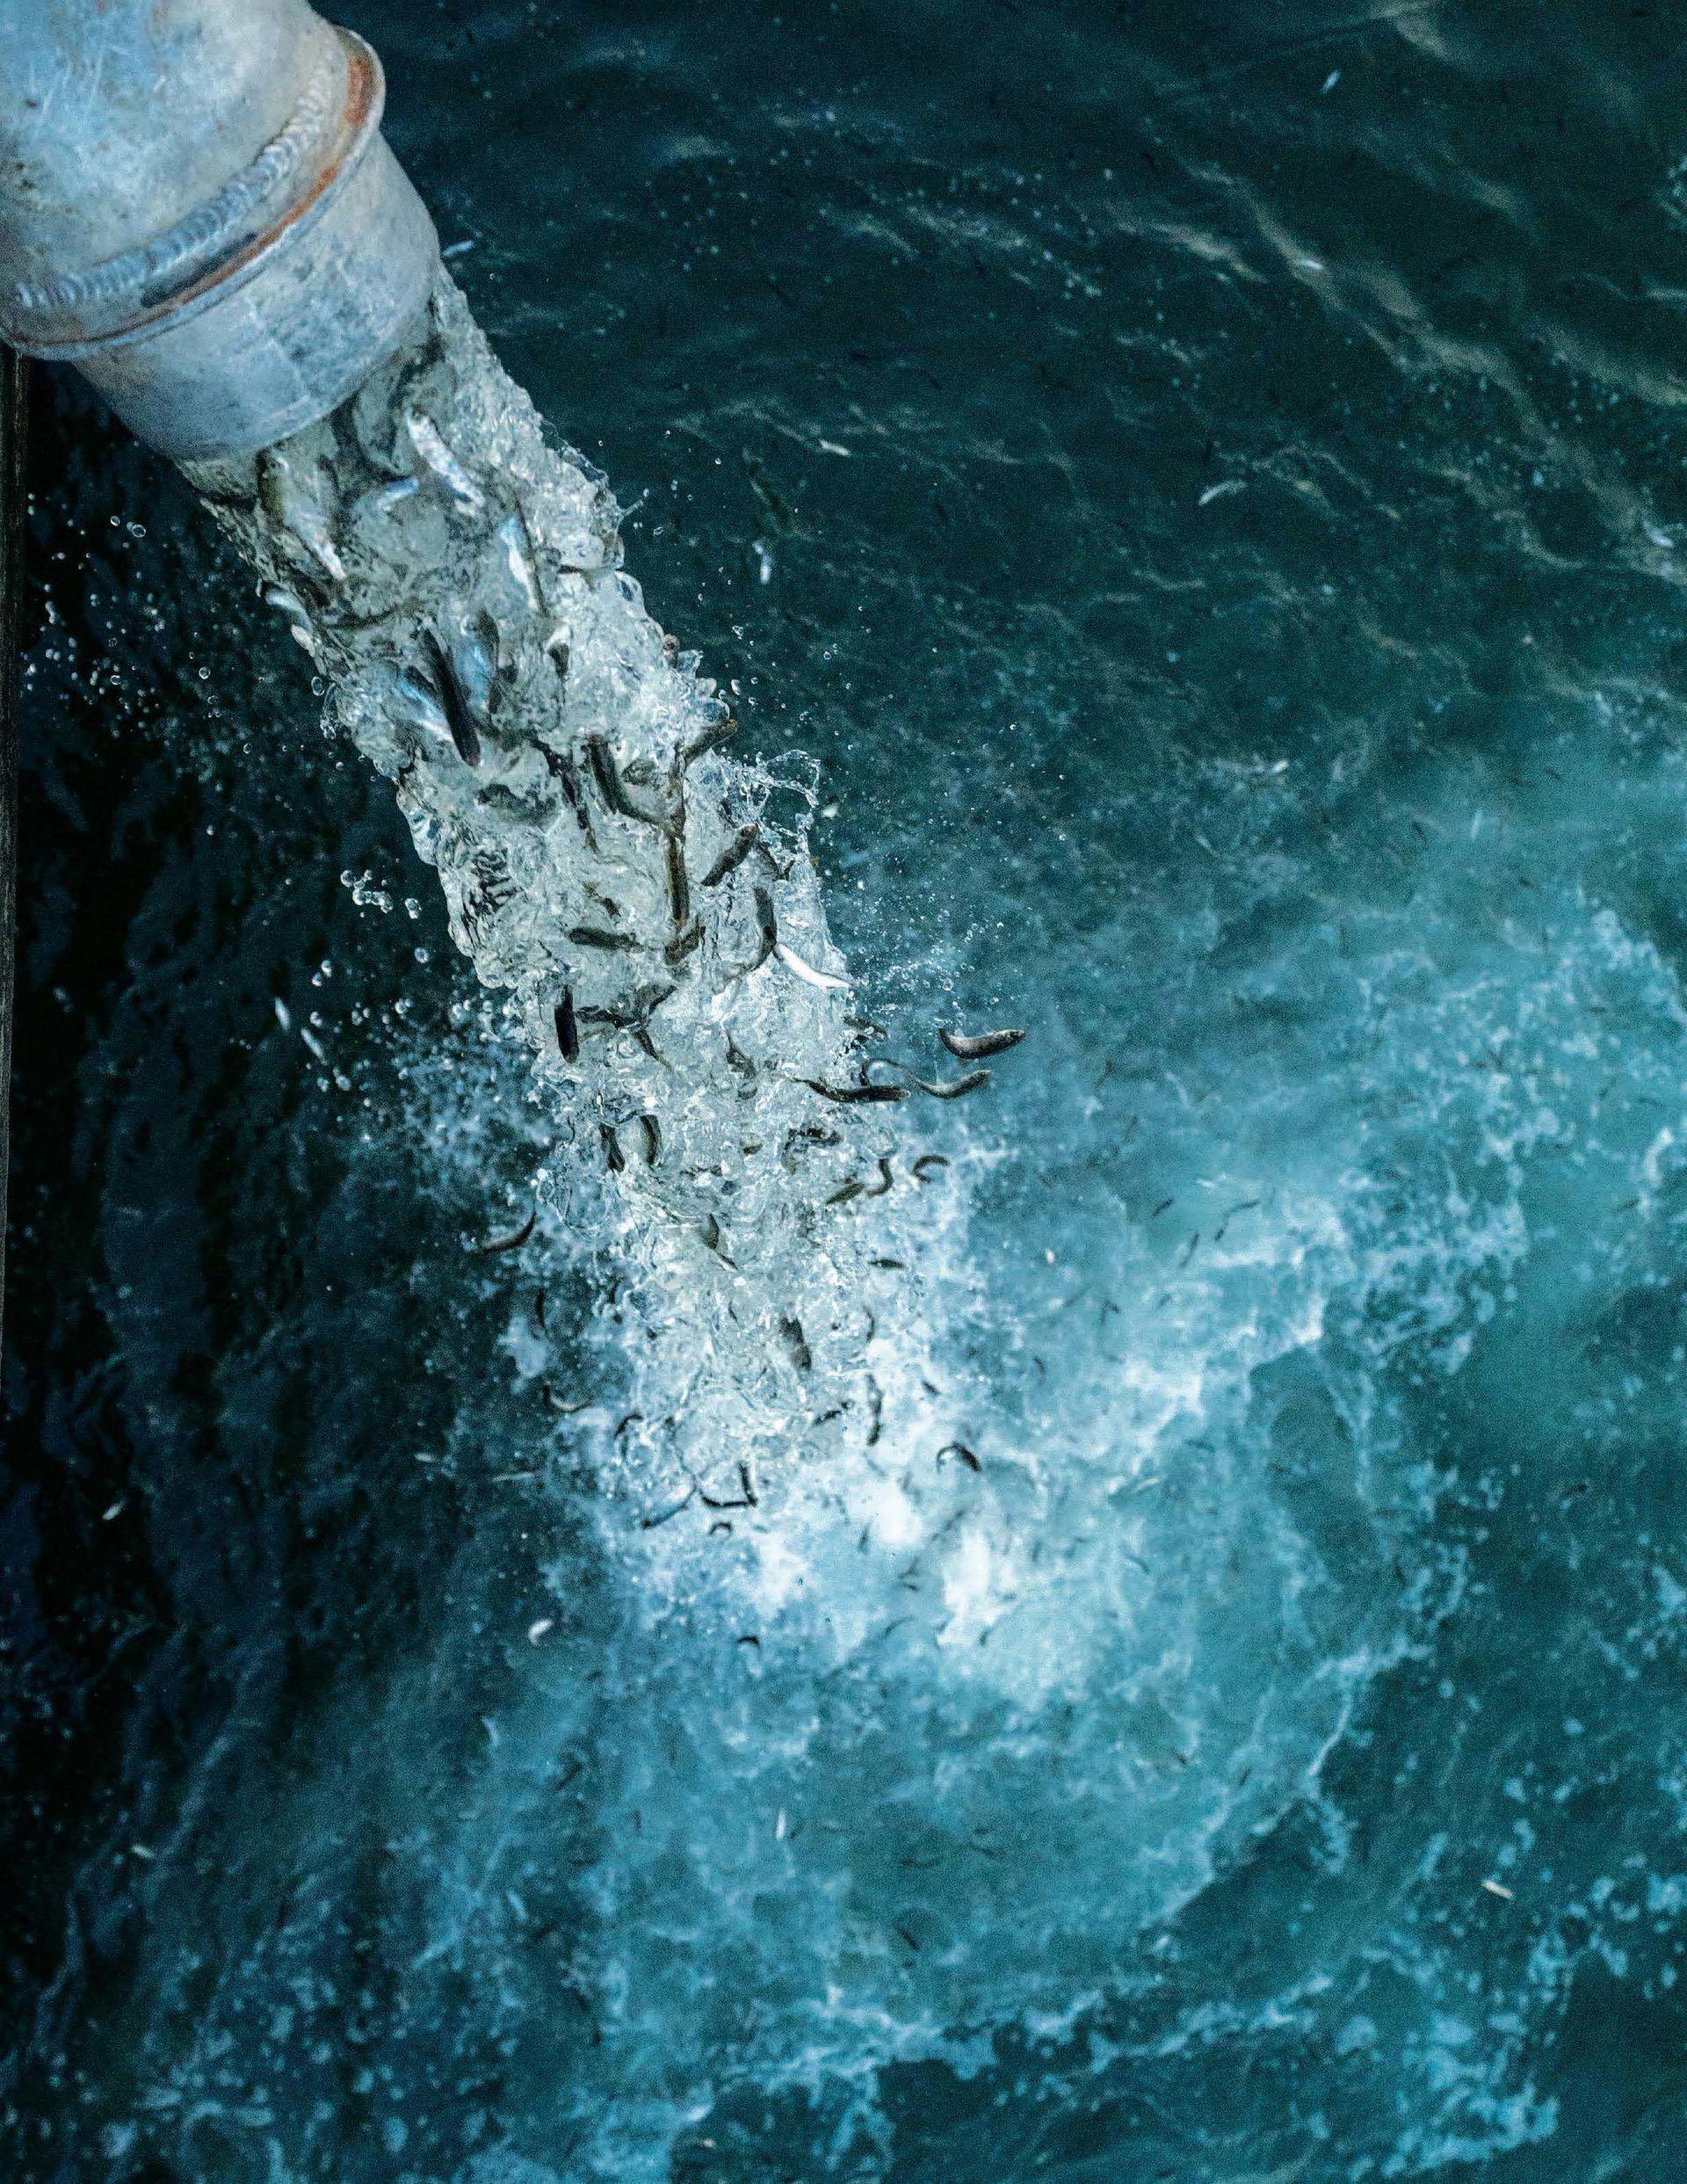 El documental Artifishal muestra con crudeza las condiciones en que se crían los ejemplares de salmones que luego se depositan en ríos naturales y amenazan las especies nativas.